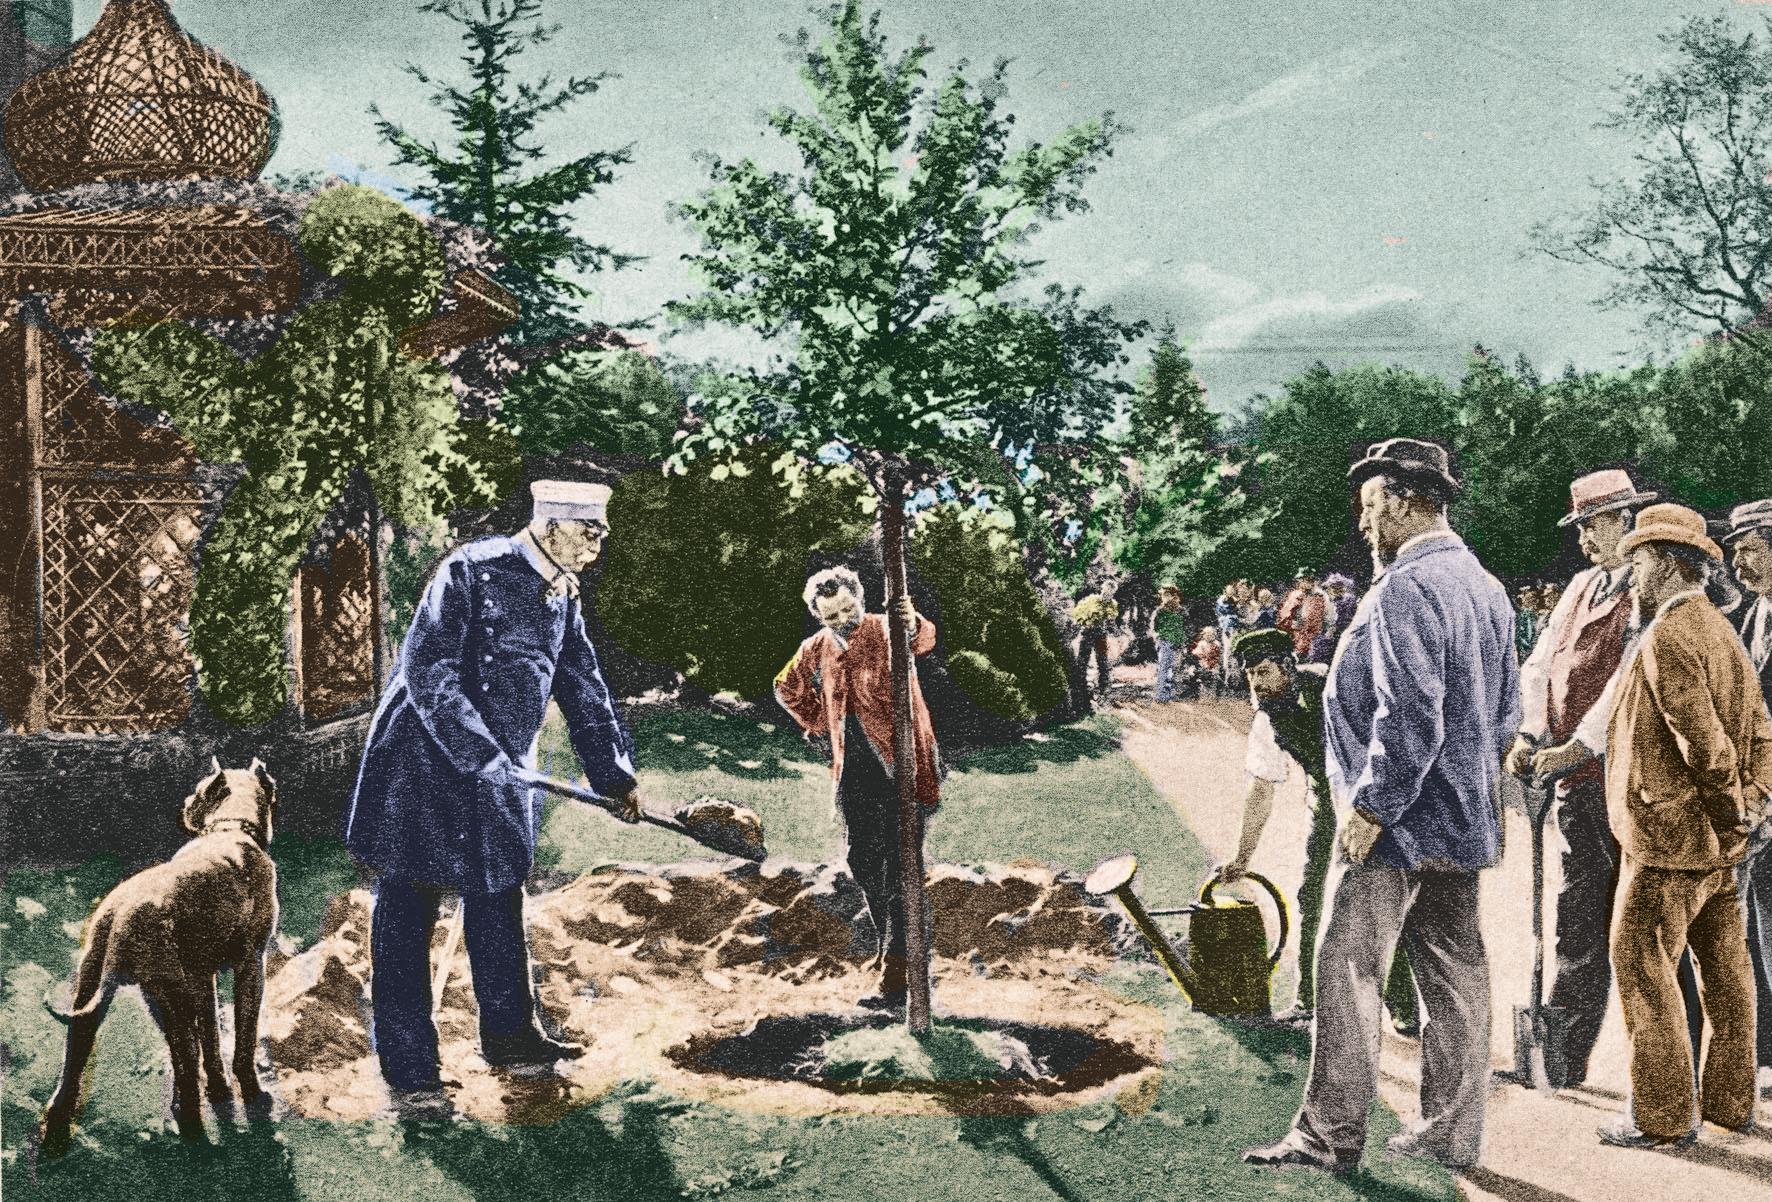 Bismark pflanzt einen Gedenkbaum im Späth-Arboretum, 1884